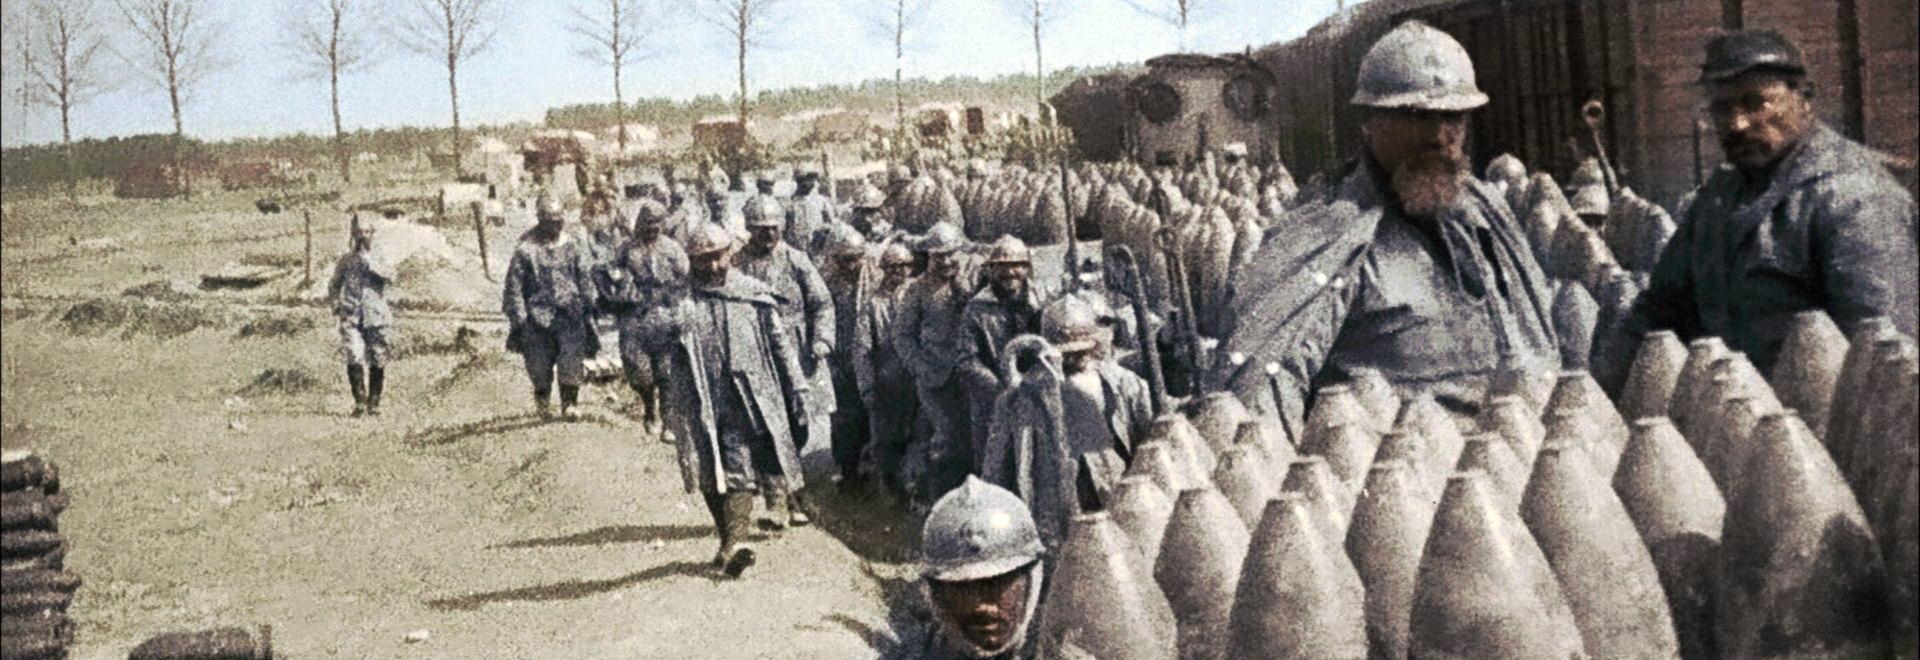 24 maggio 1915: l'Italia va alla guerra